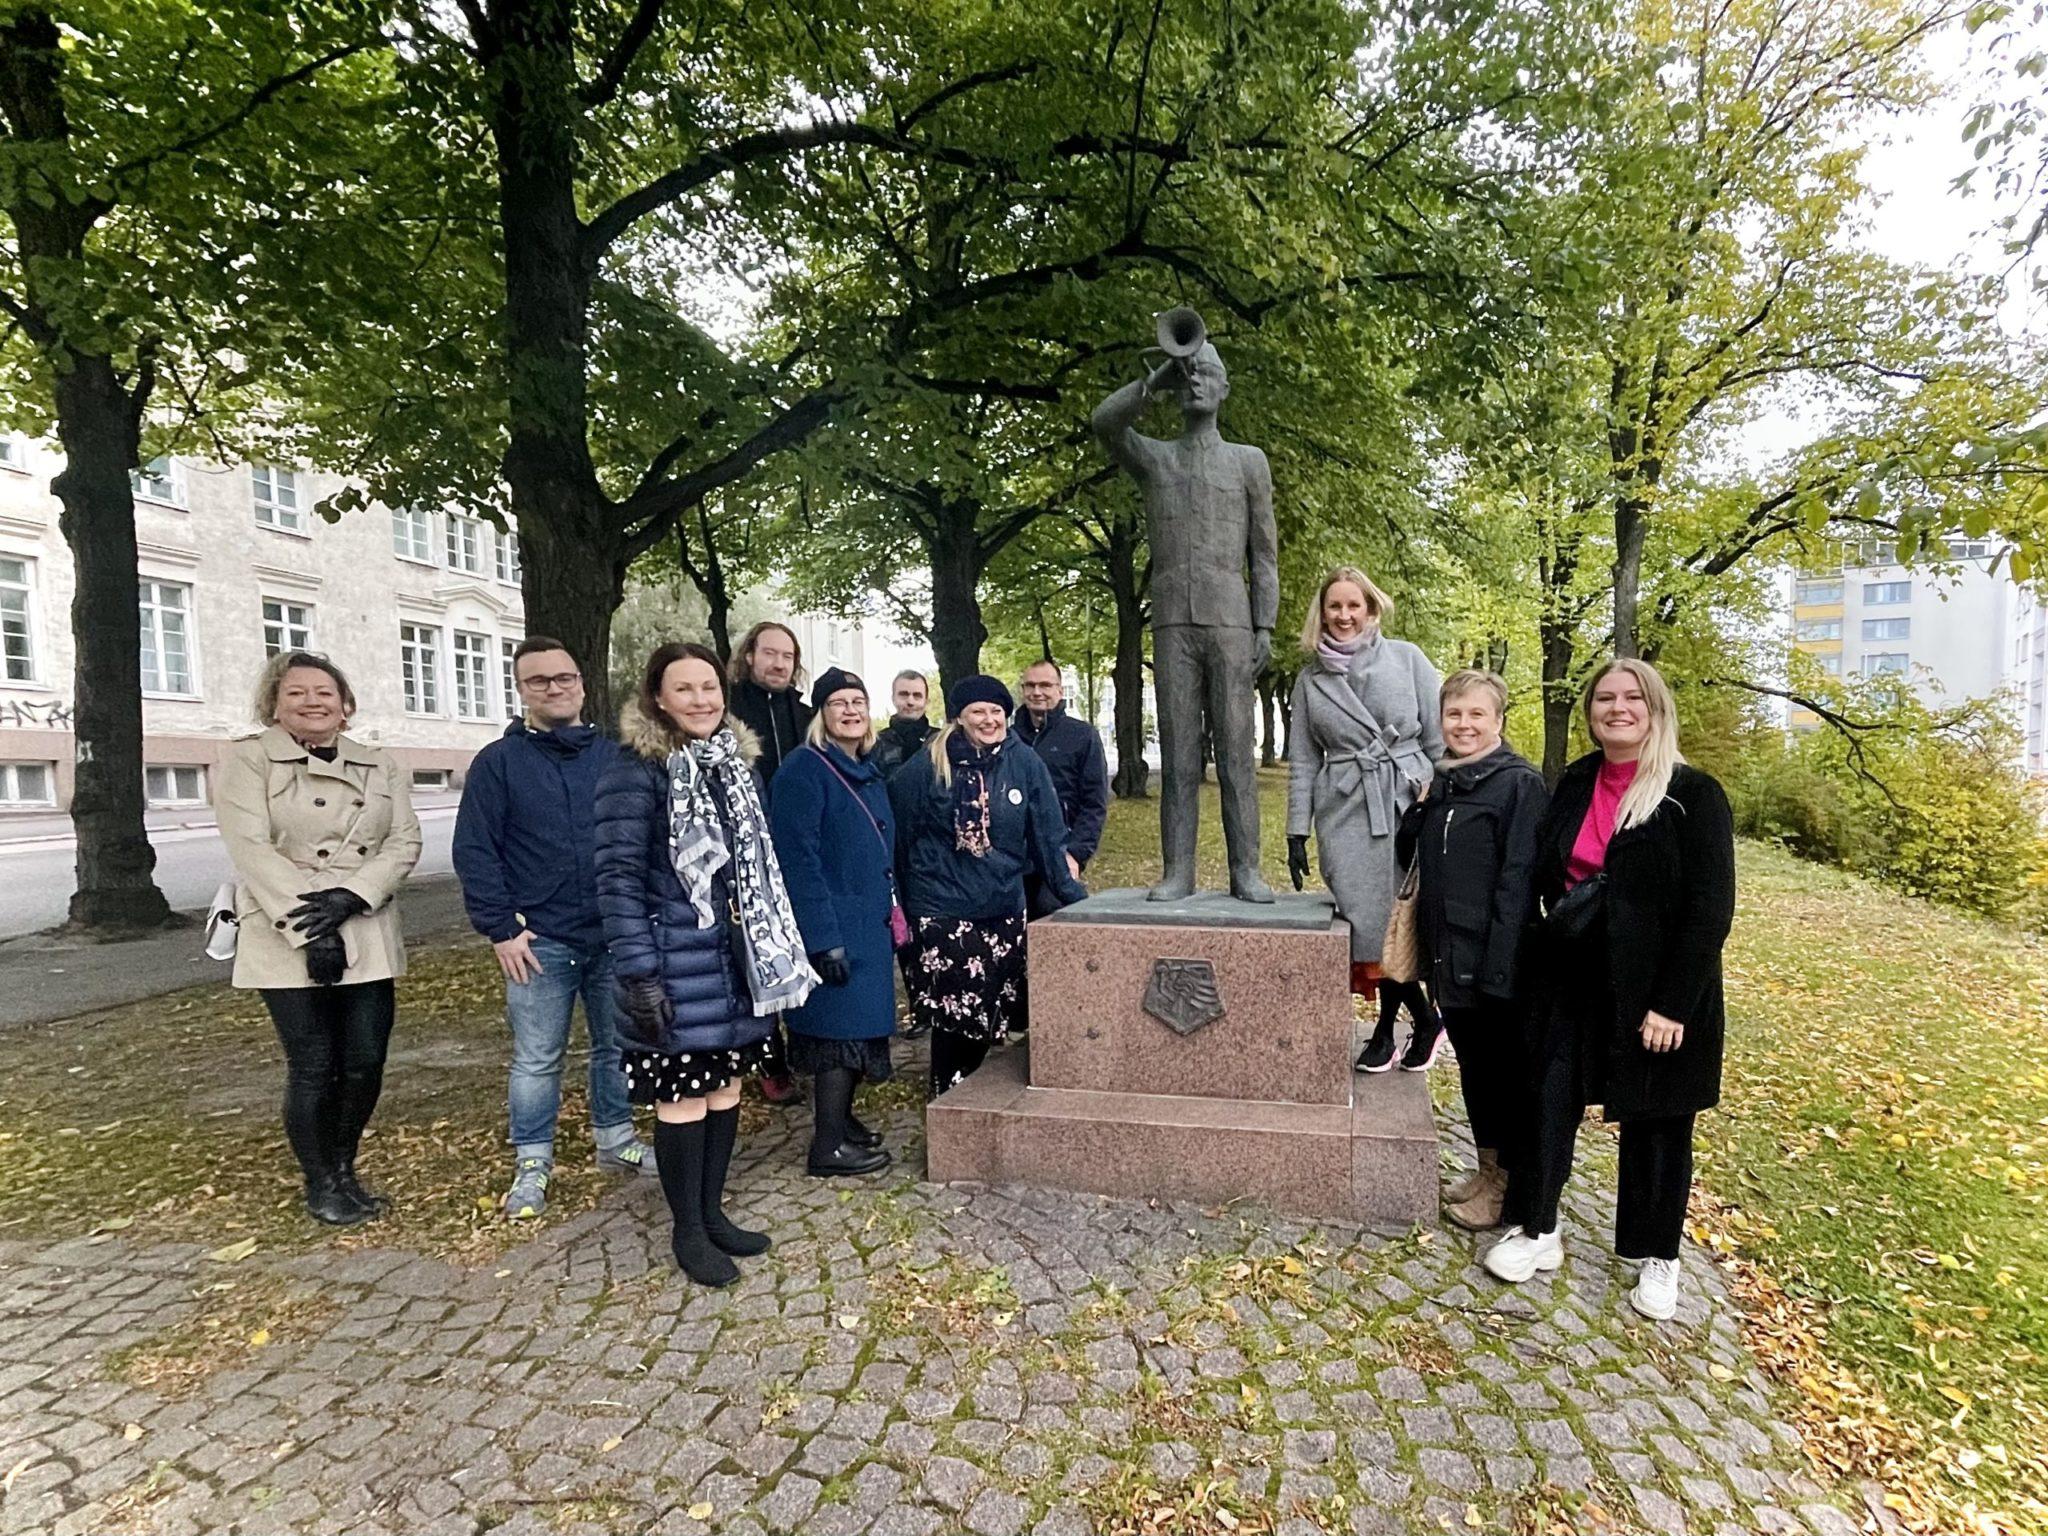 En staty och Luckannätverkets representanter i gruppbild